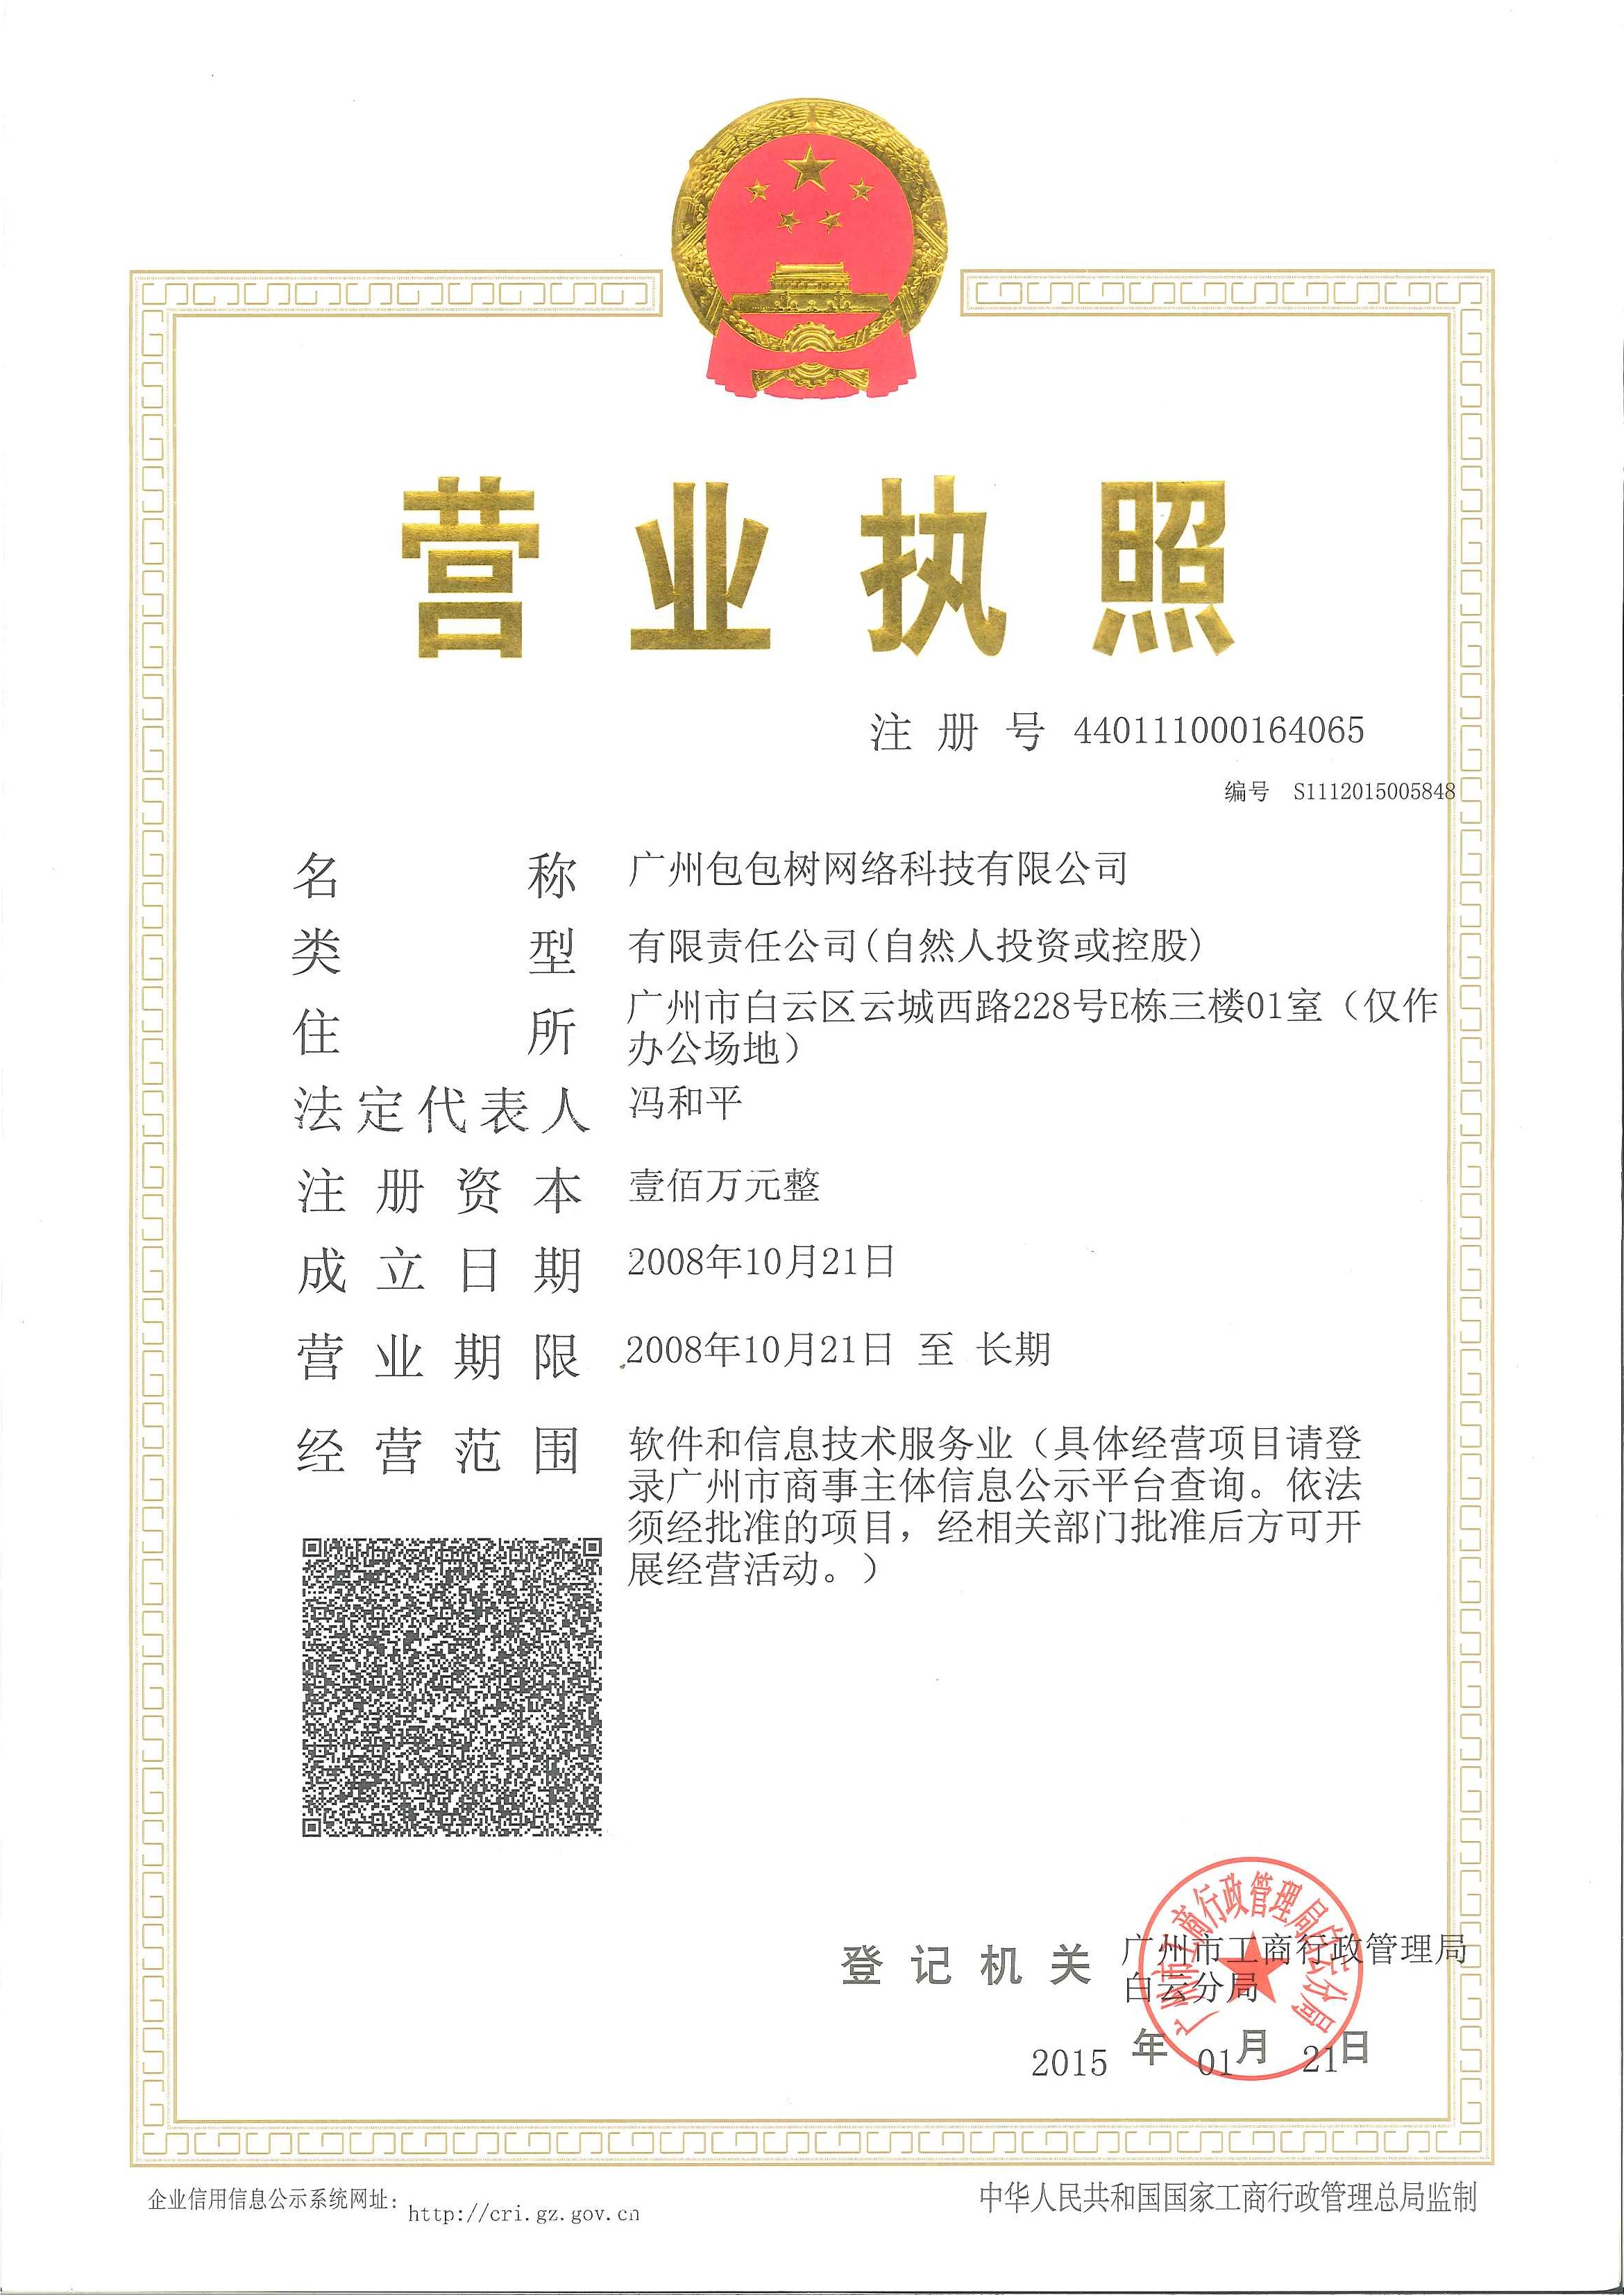 广州包包树网络科技有限公司企业档案